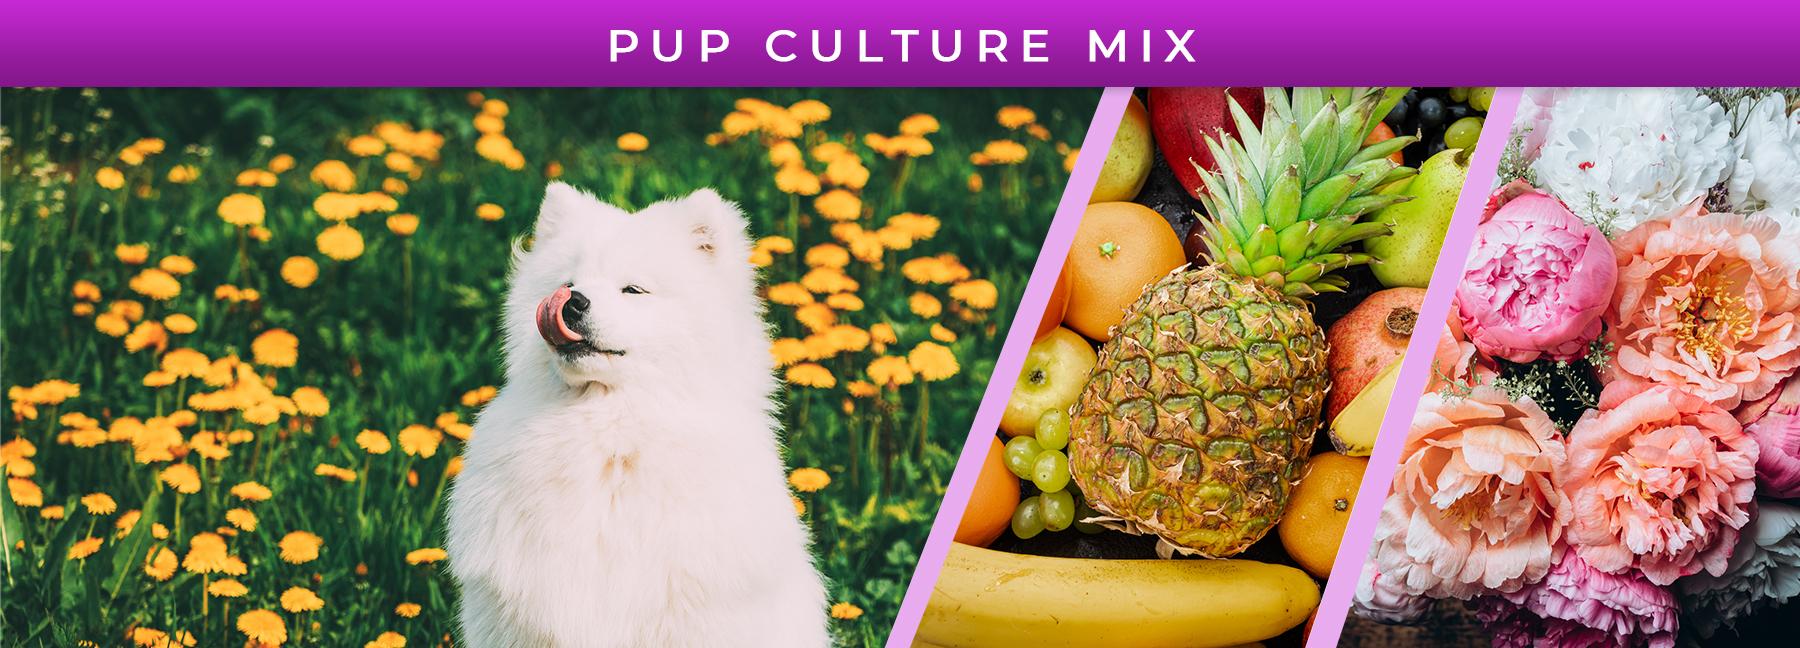 Pup Culture Mix fragrance elements